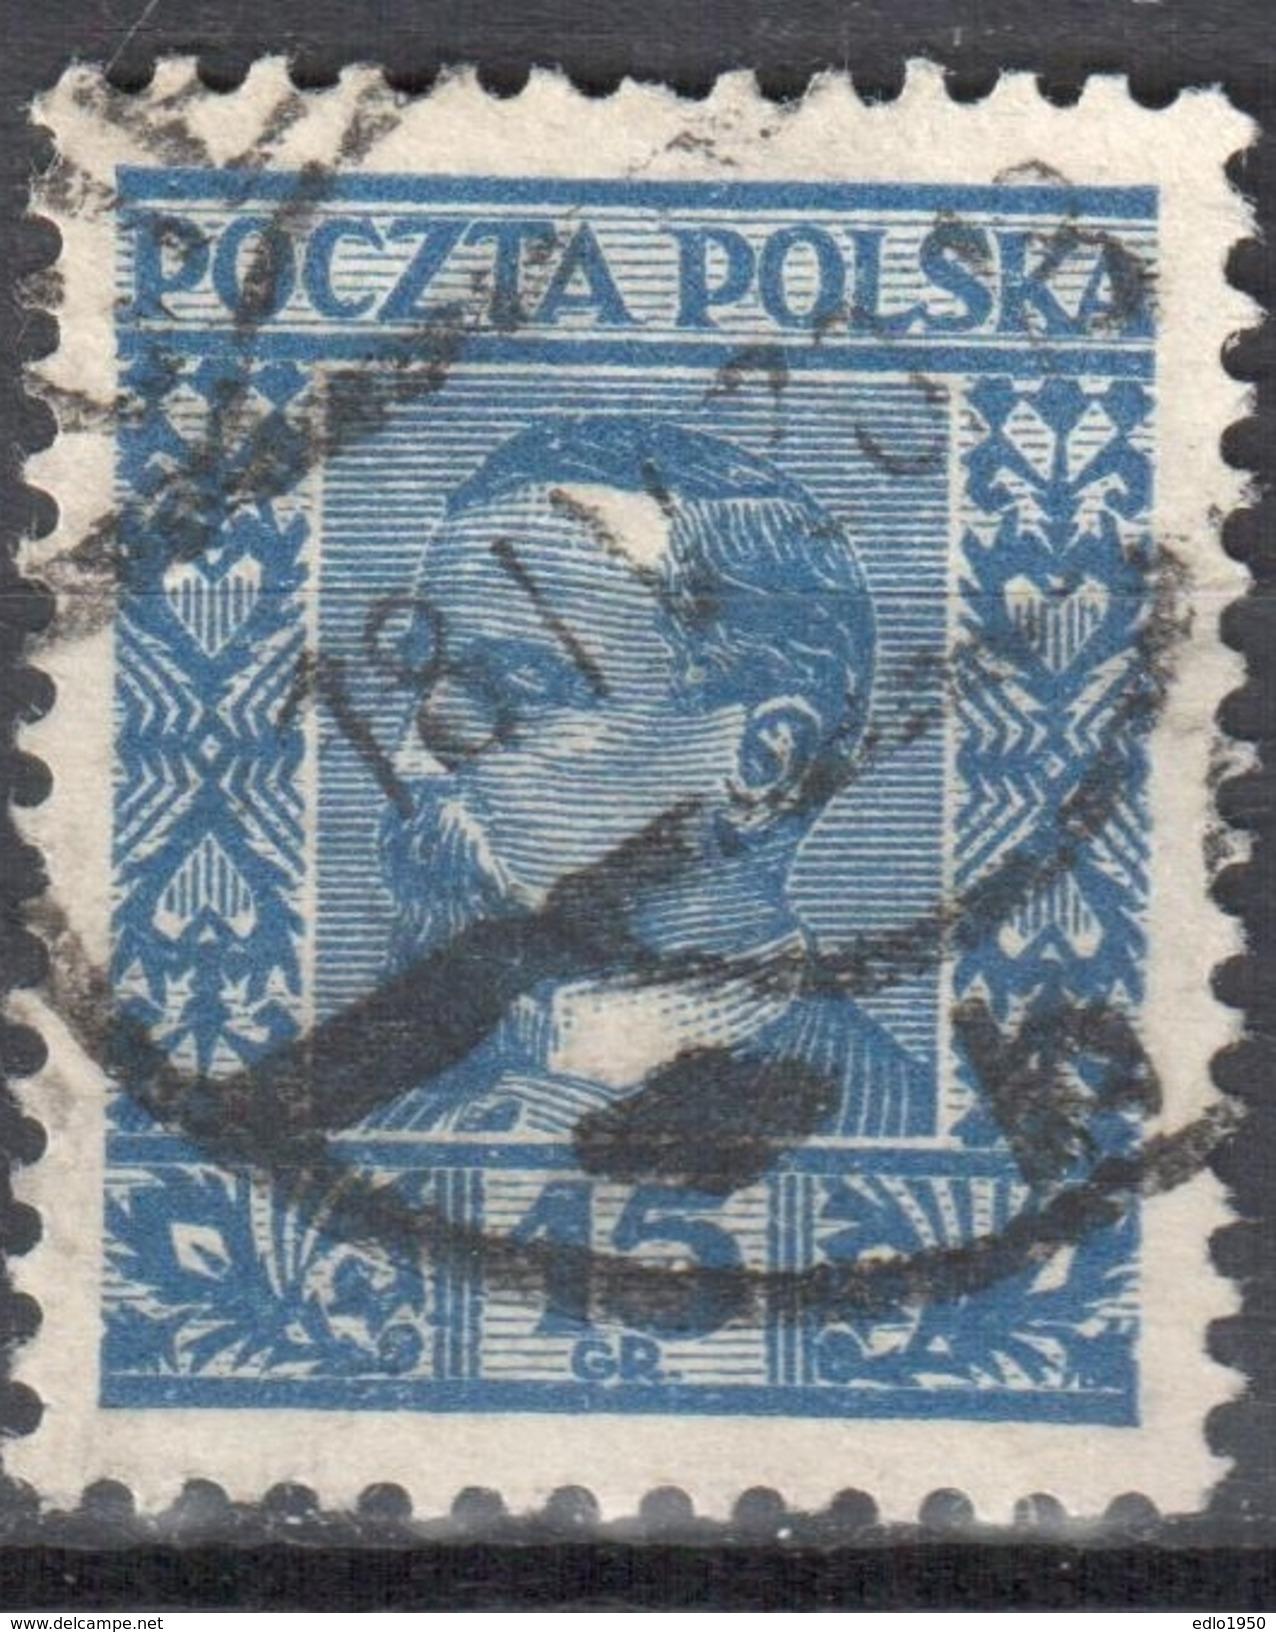 Poland 1928 Henryk Sienkiewicz - Mi. 259 - Used - Gebraucht